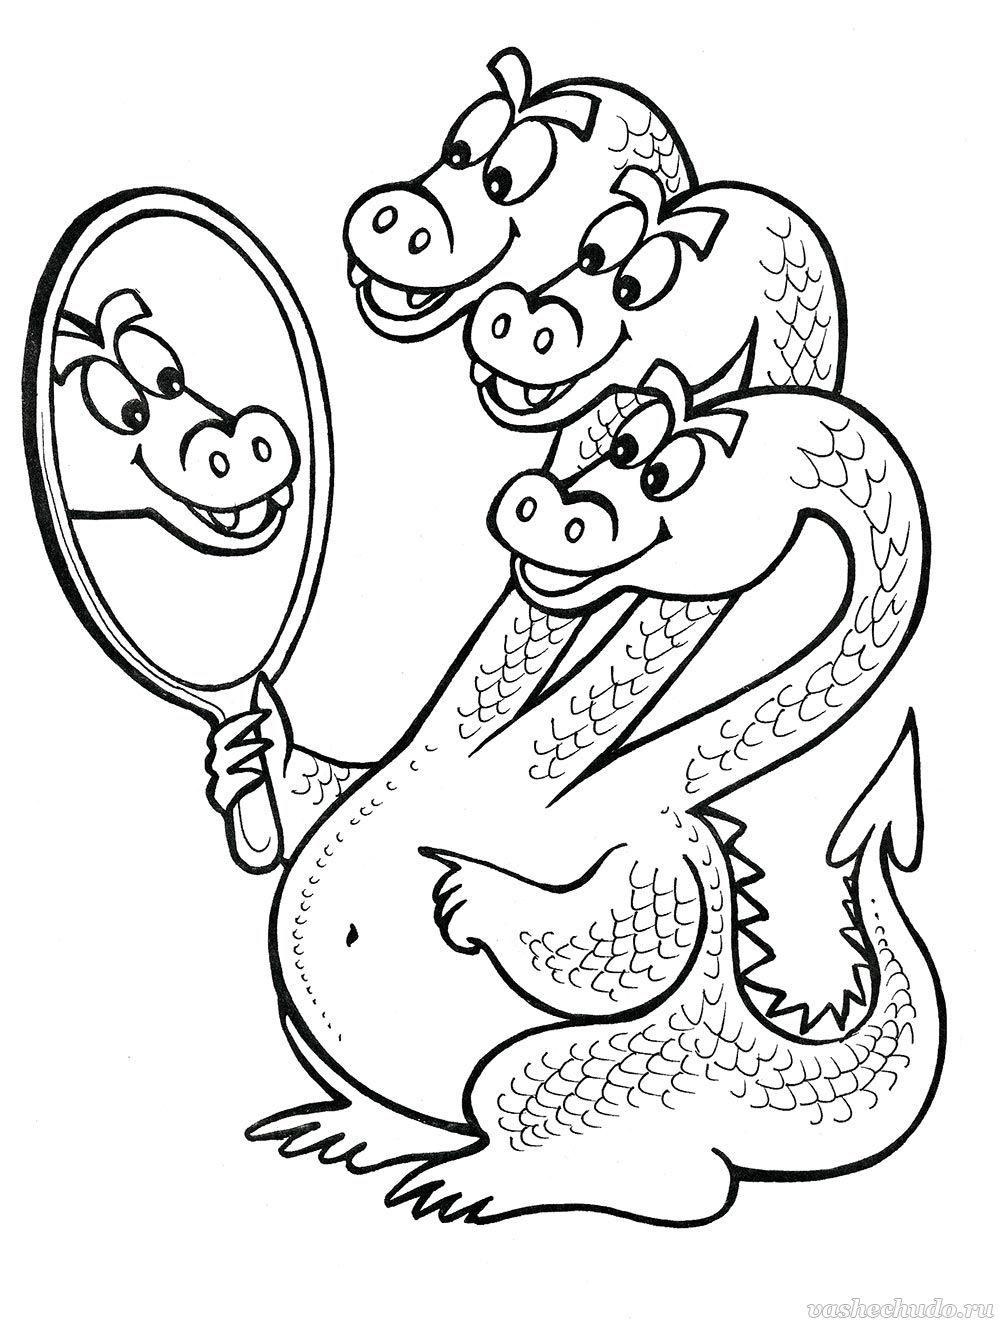 еда картинки змея горыныча для раскрашивания зона может быть